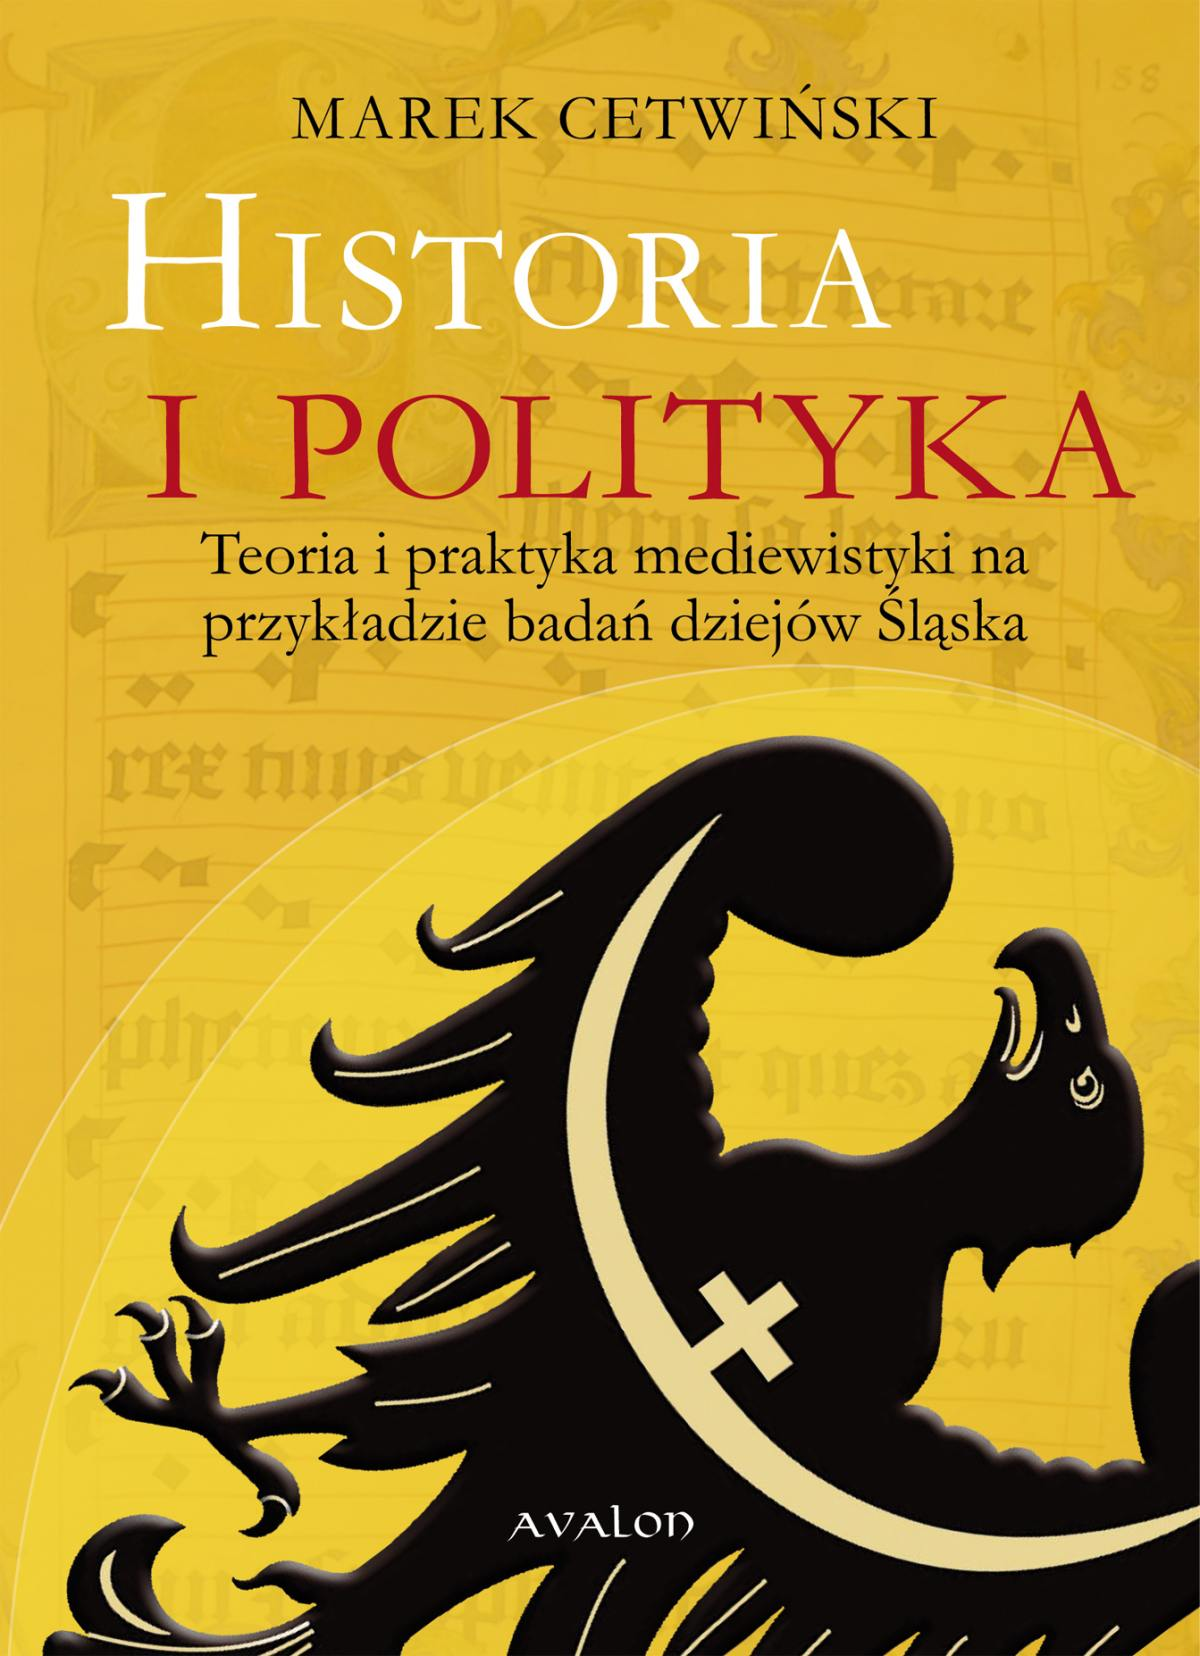 Historia i polityka. Teoria i praktyka mediewistyki na przykładzie badań dziejów Śląska - Ebook (Książka PDF) do pobrania w formacie PDF